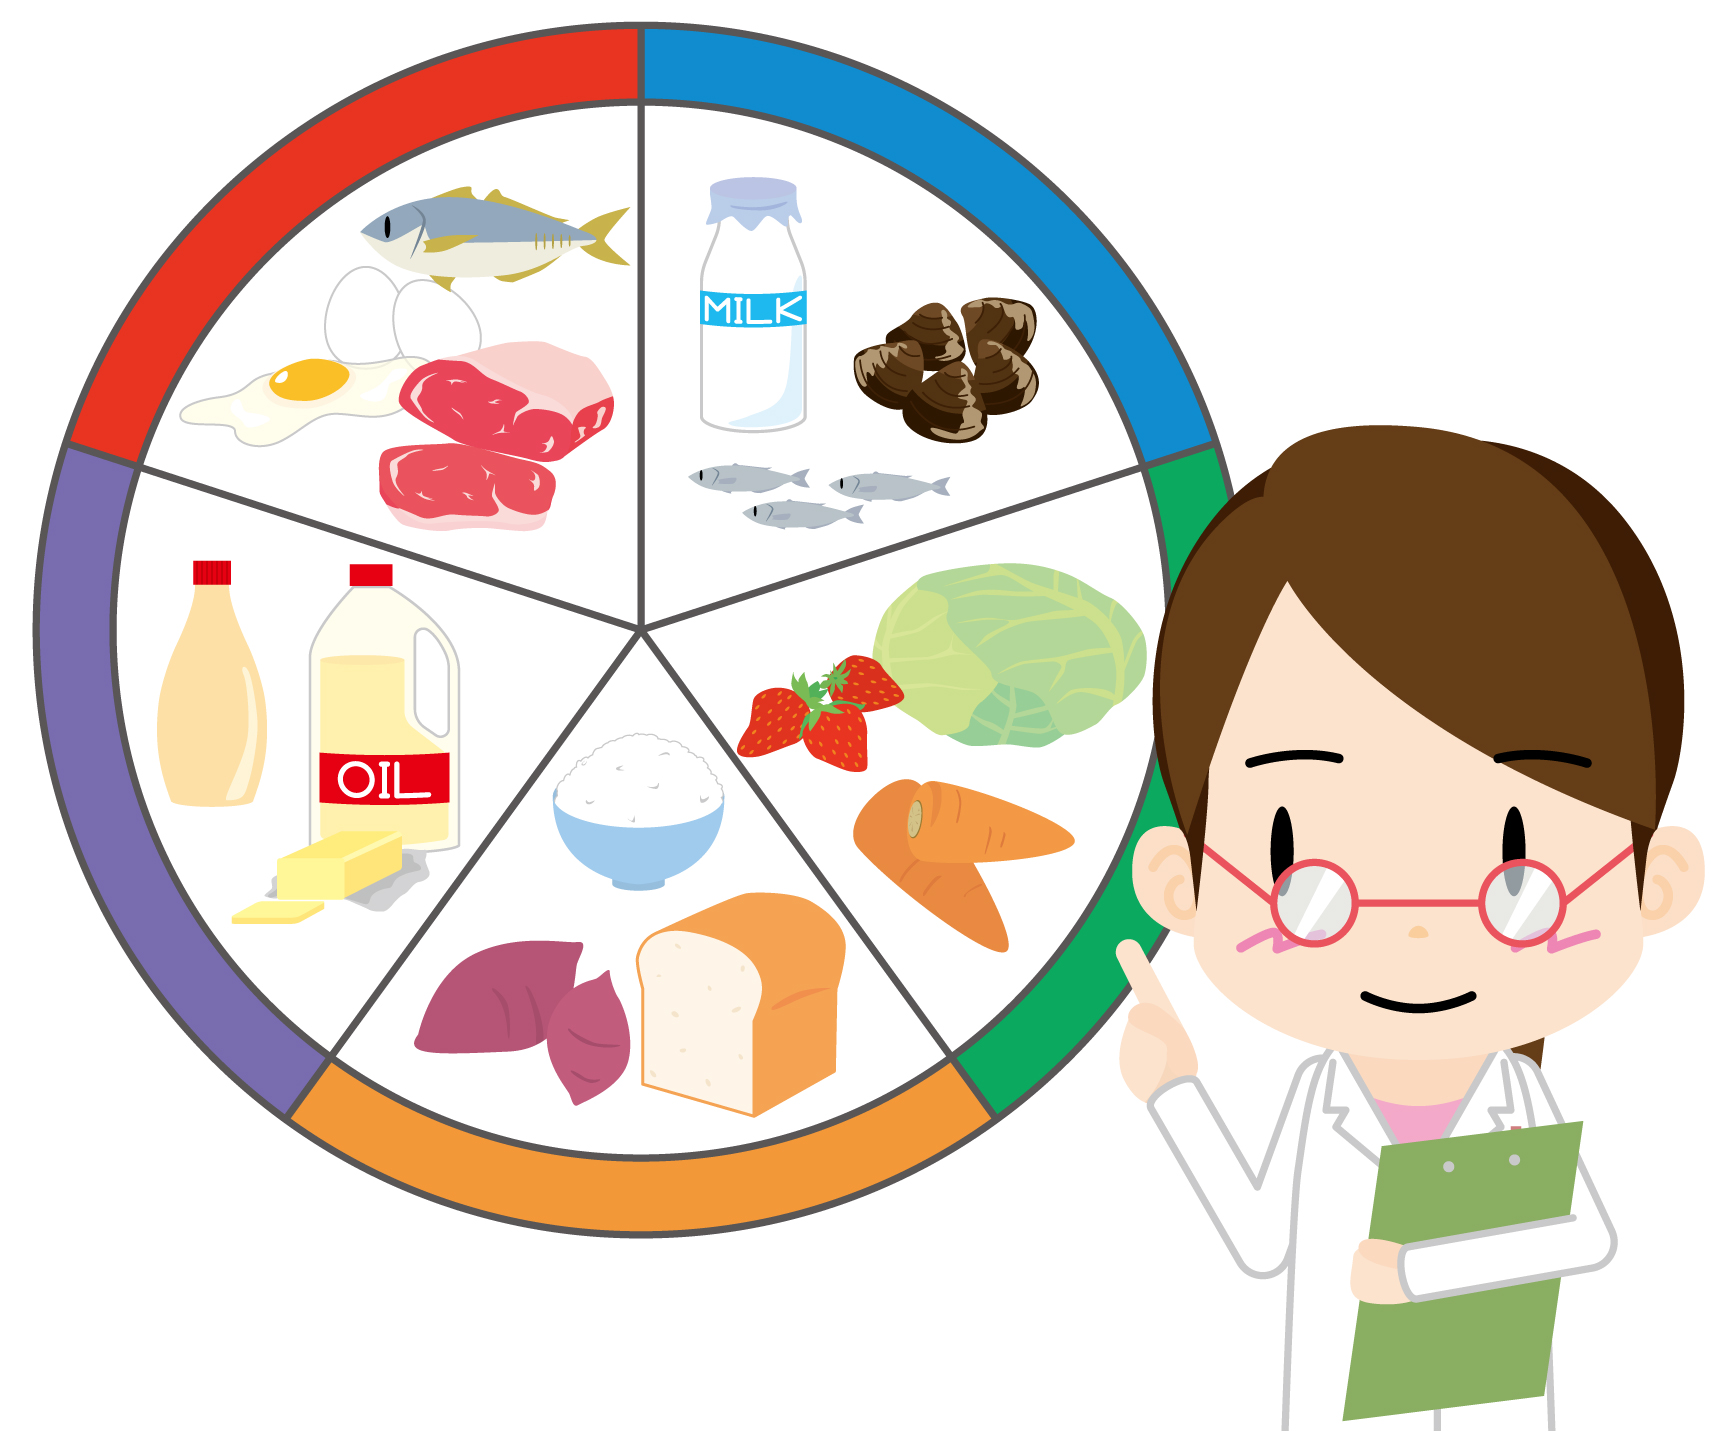 糖質制限を1年間実践し14kg減。糖質の合計は1日90g程度